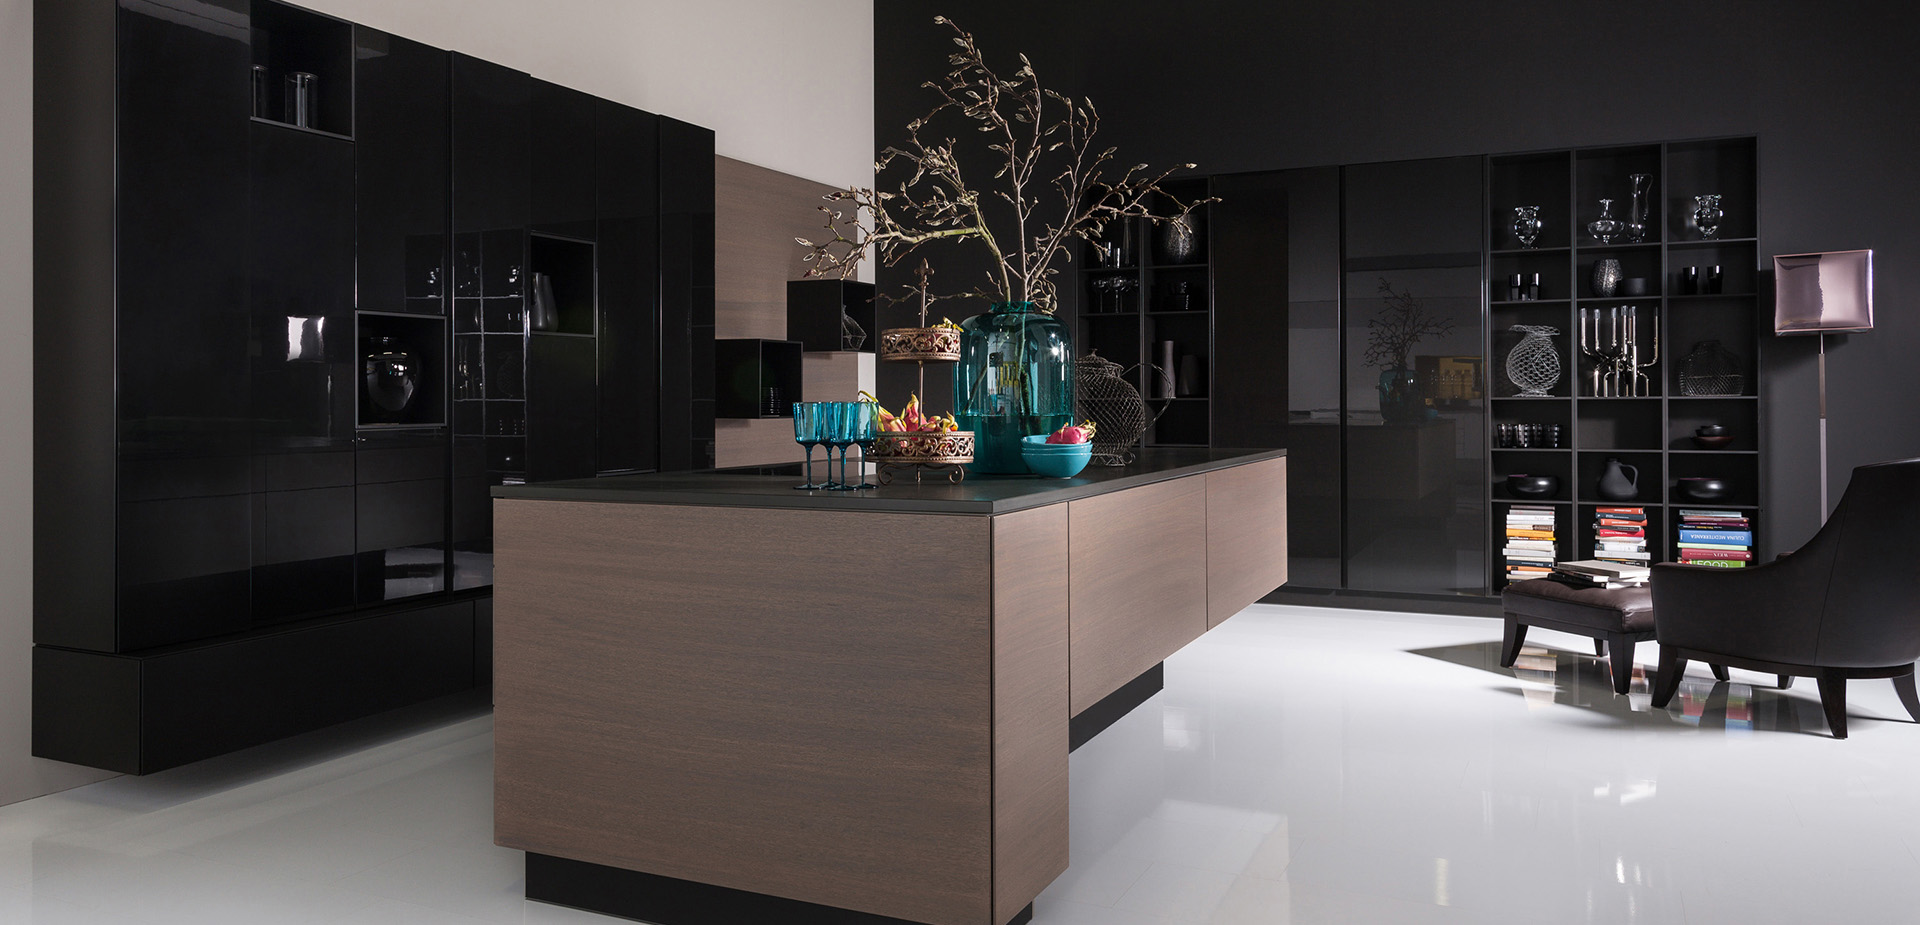 herzlich willkommen brune k chen k ln h rth. Black Bedroom Furniture Sets. Home Design Ideas